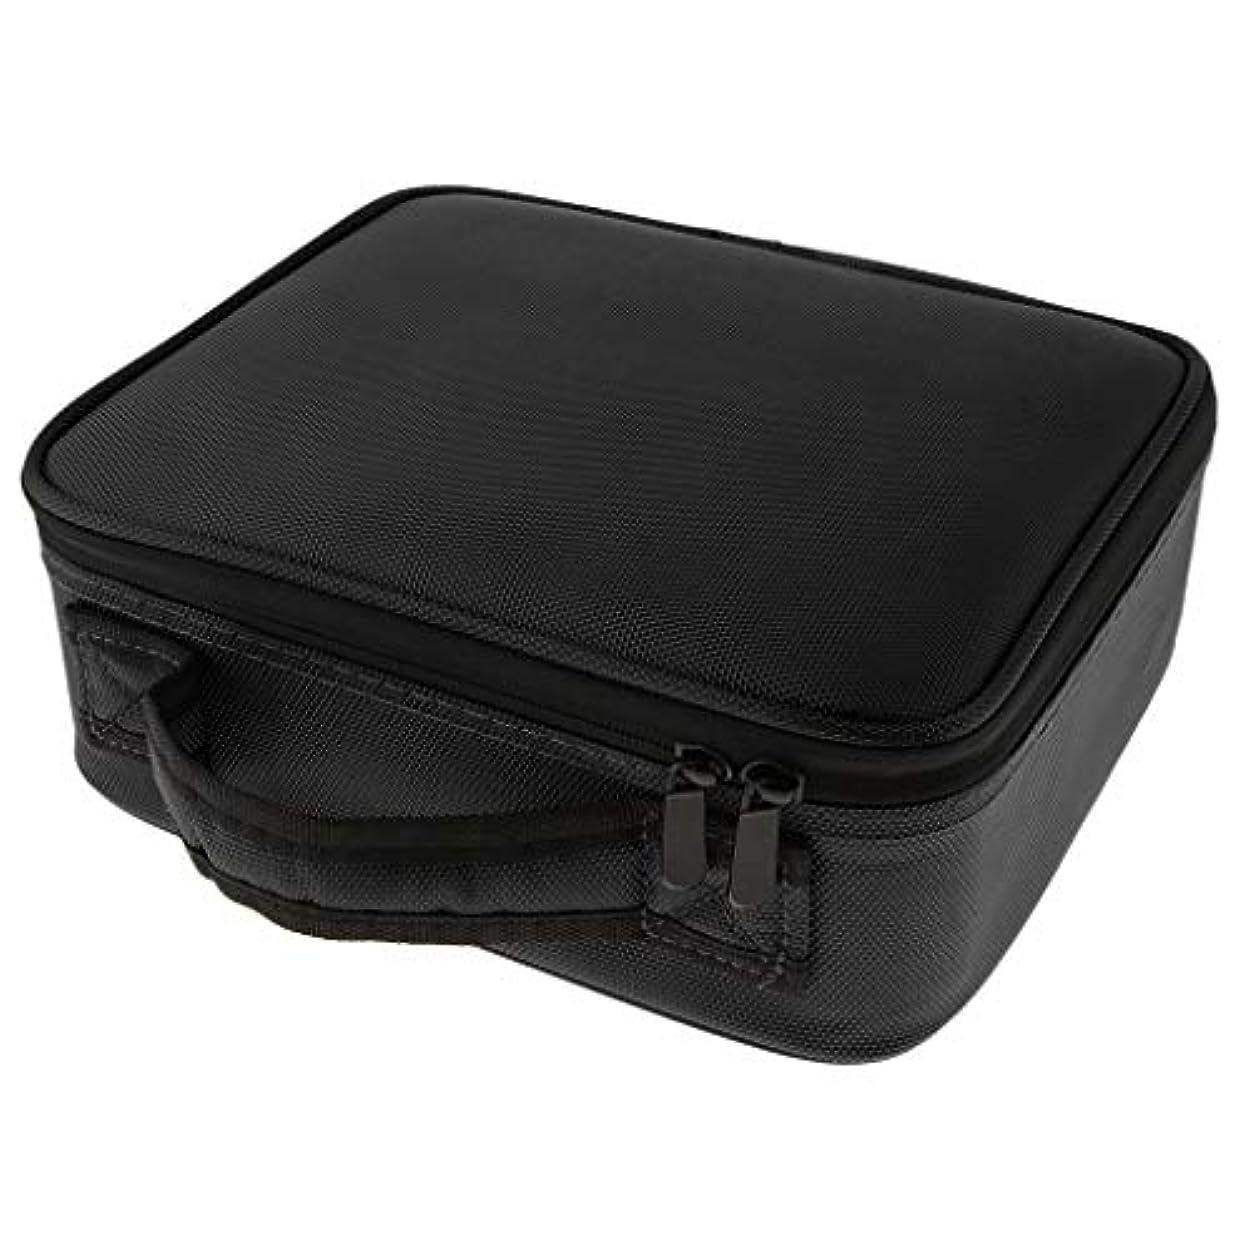 メイクケース メイクボックス 化粧箱 コスメケース 仕切り メイク小物 雑貨收納 大容量 贈り物 - ブラックS